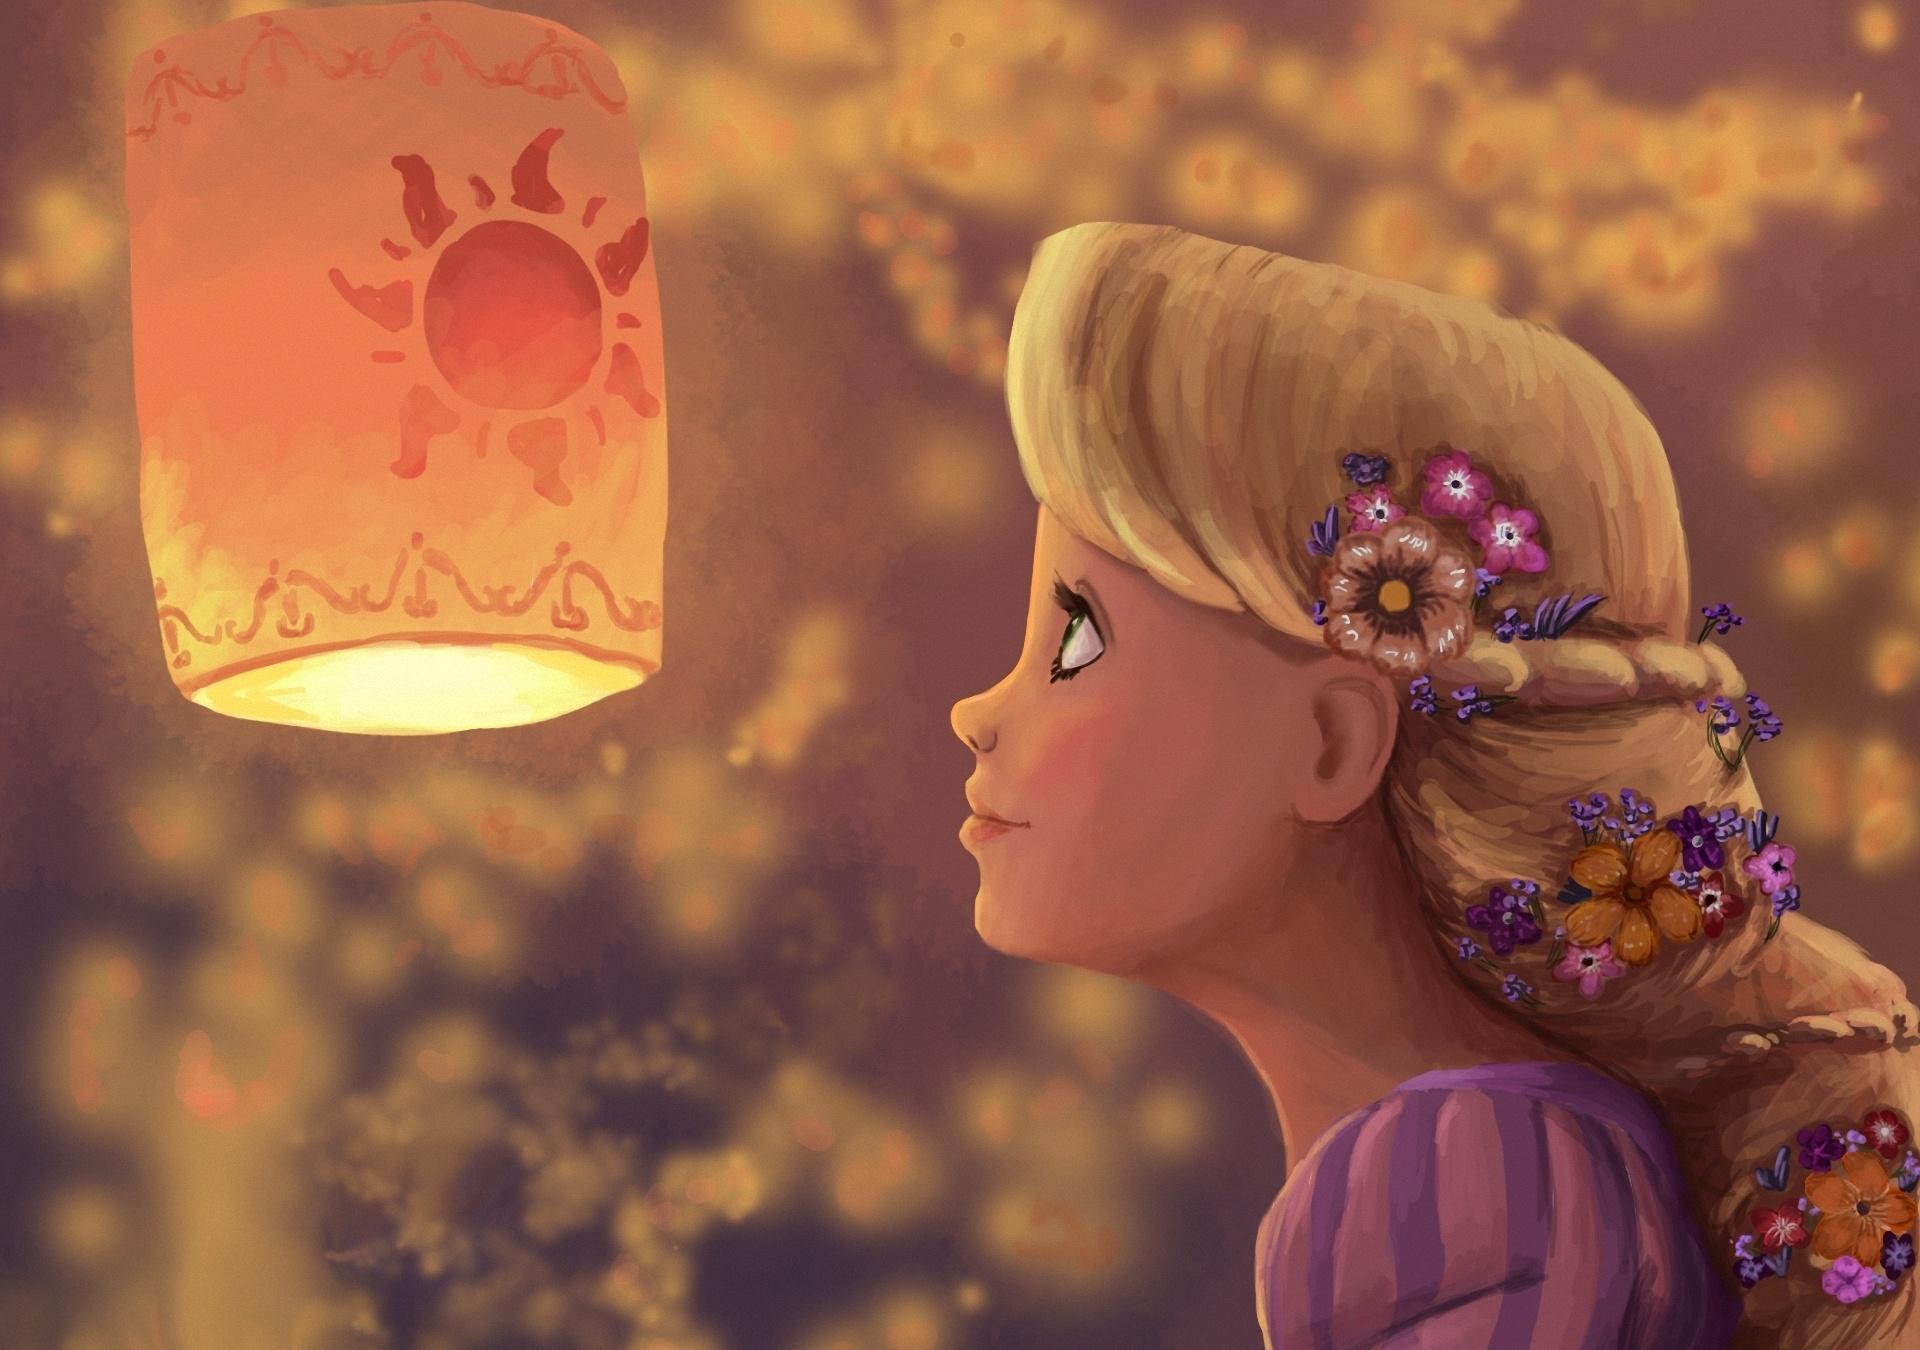 Art Rapunzel Profile gir wallpaper   1920x1350   77644